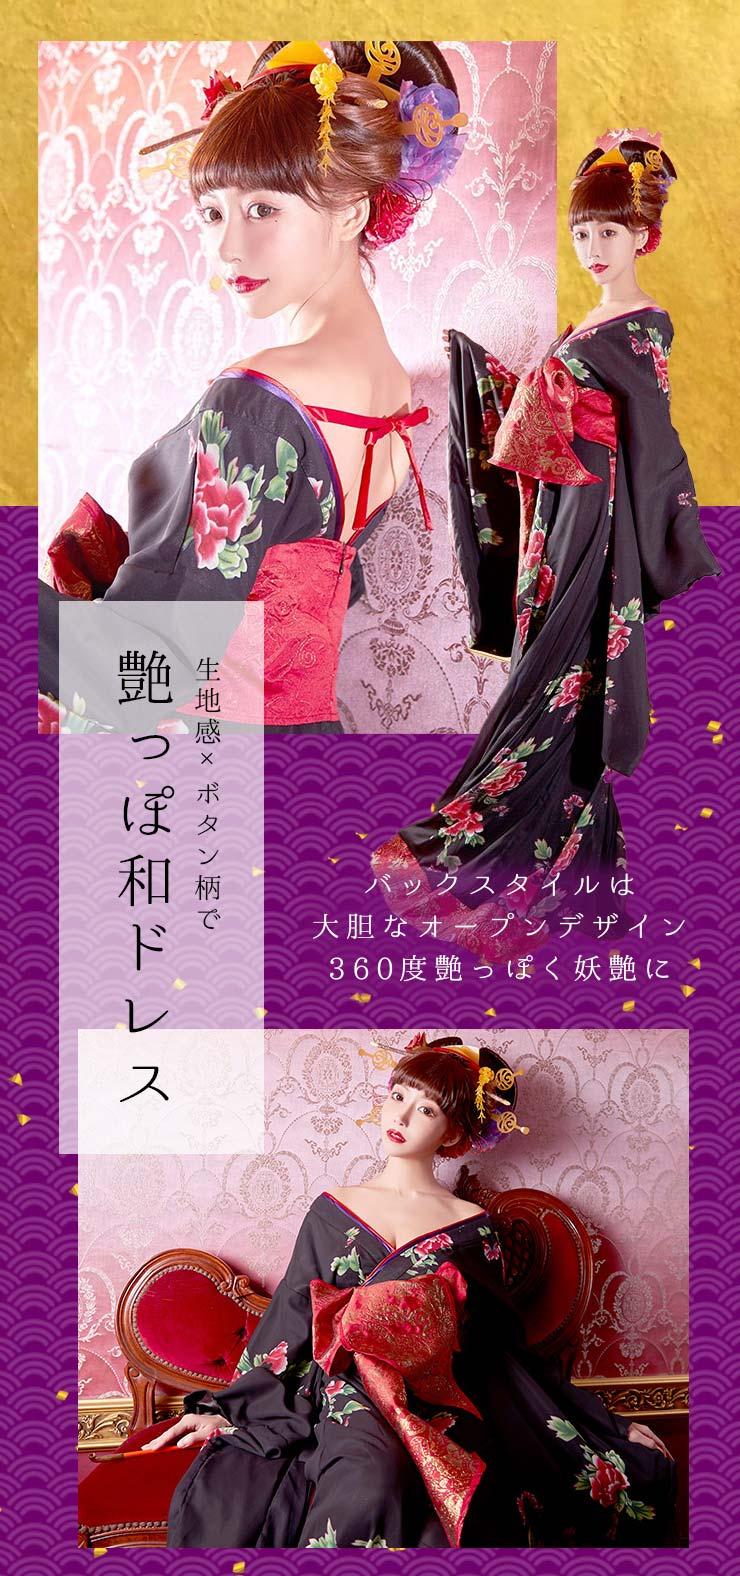 和柄ドレスを着る明日花キララちゃん